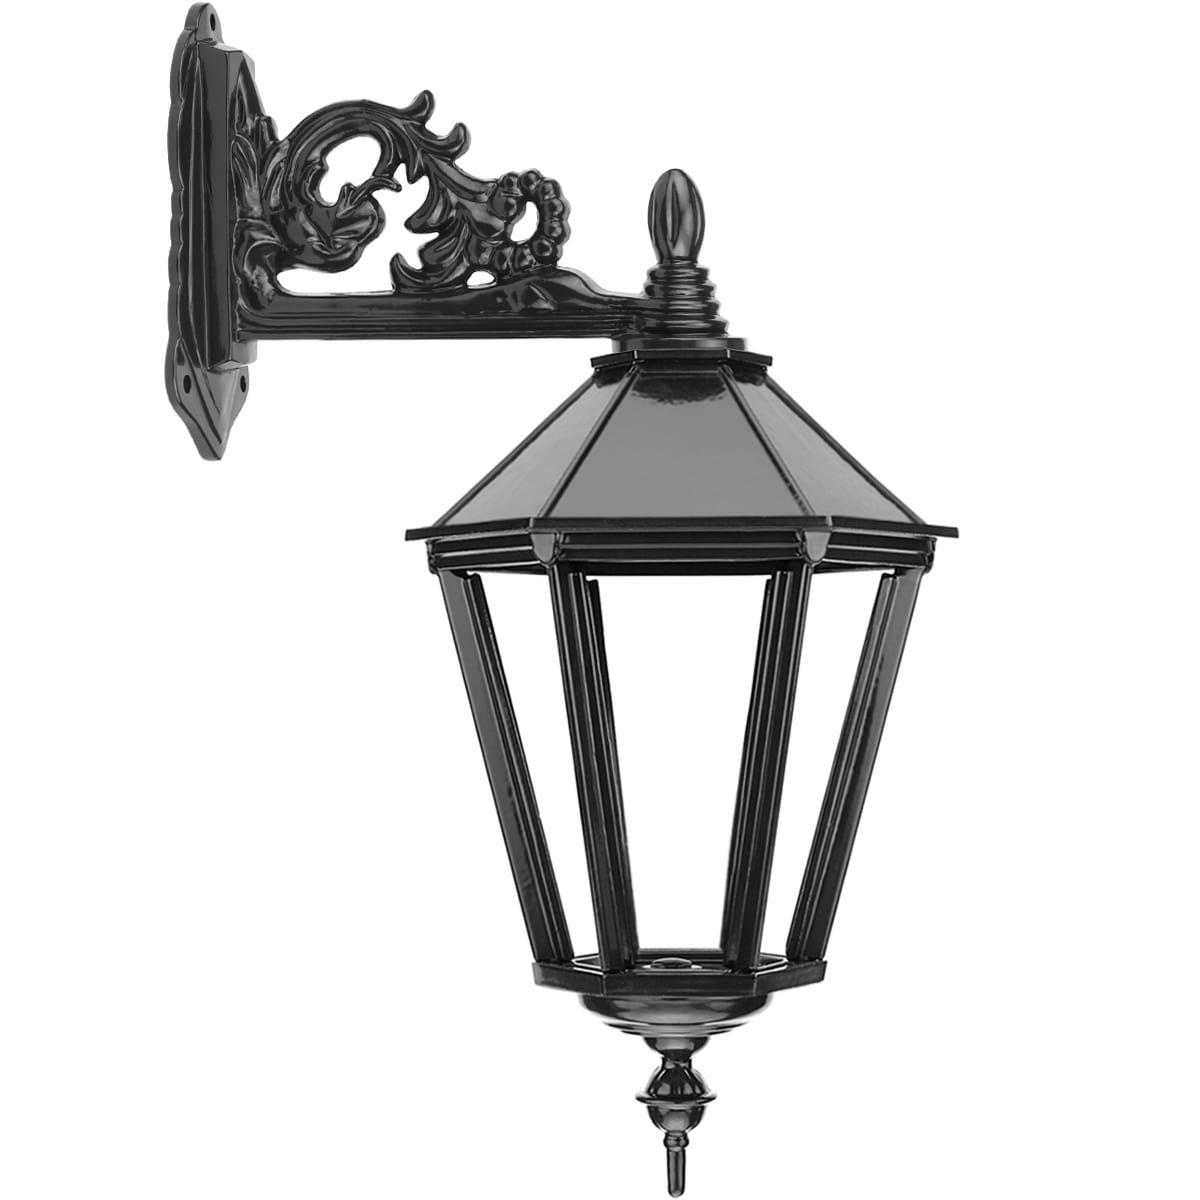 Outdoor Lighting Classic Rural Wall lamp hanging Fochteloo - 62 cm